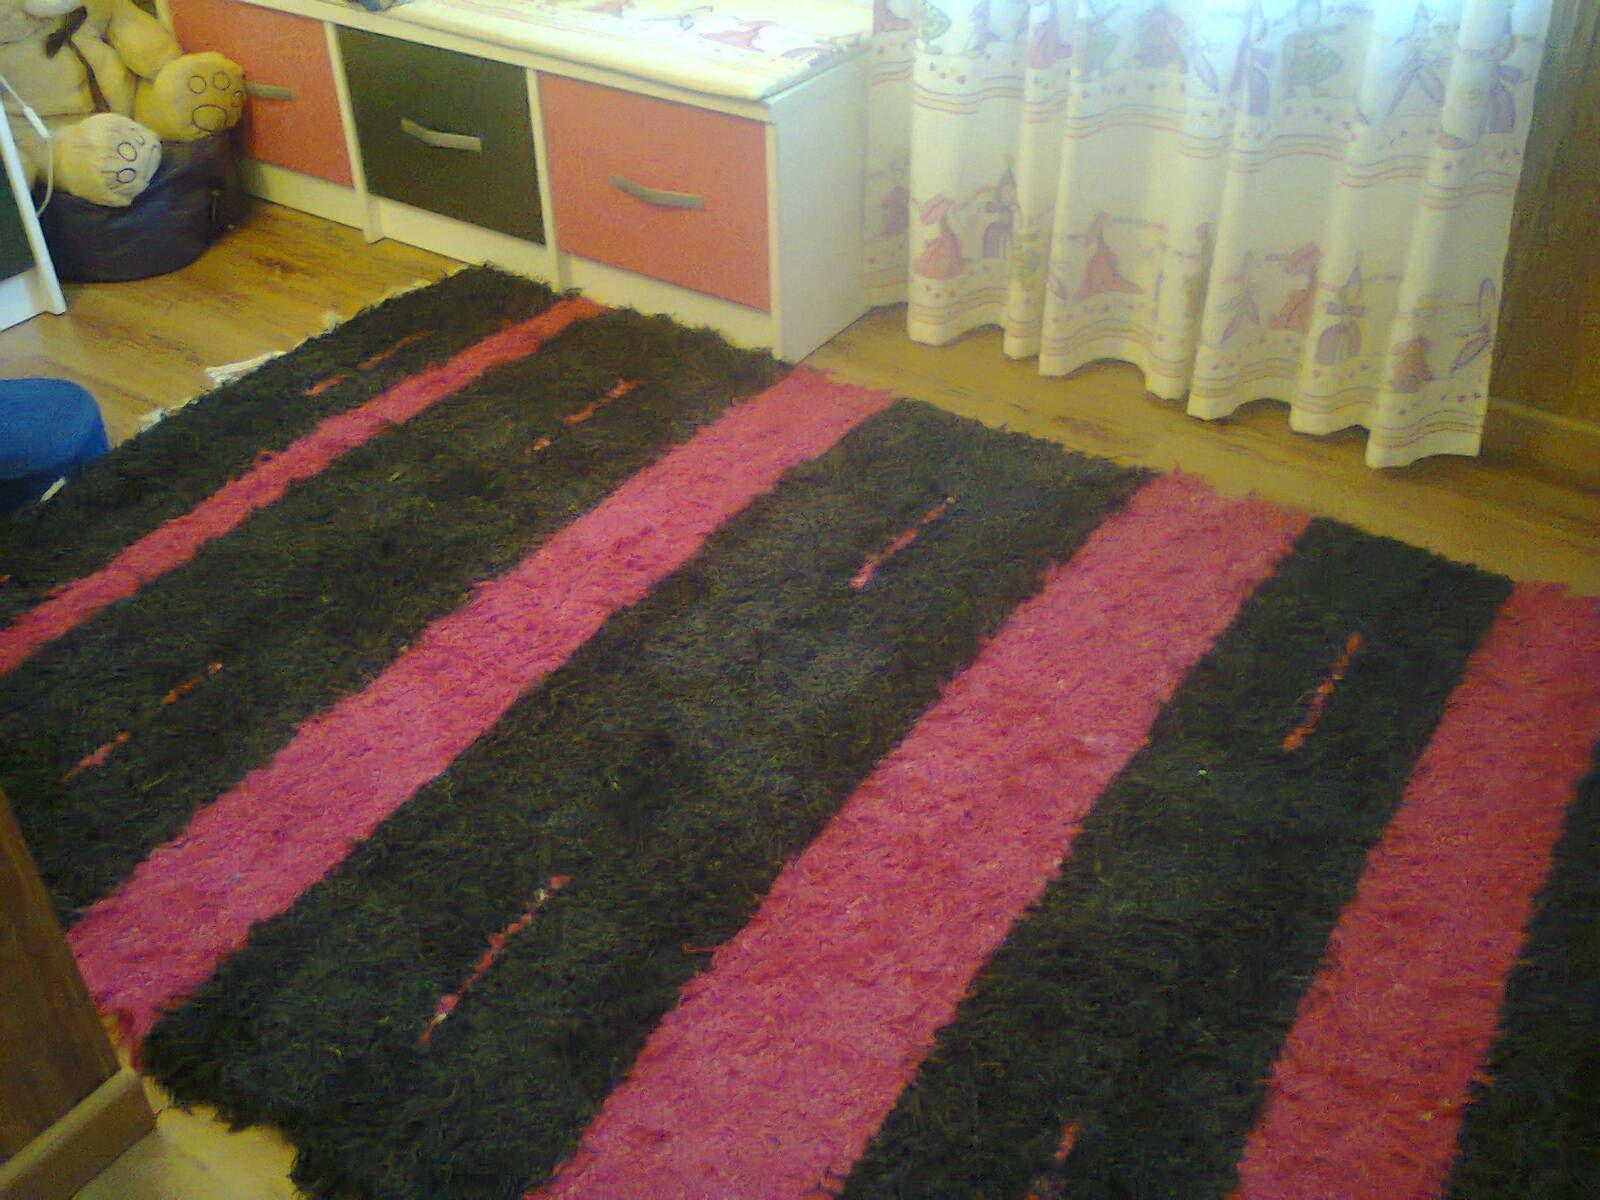 Jarapa, alfombra alpujarreña en tonos fuxia y negro, destinado a multitud de sitios de la casa